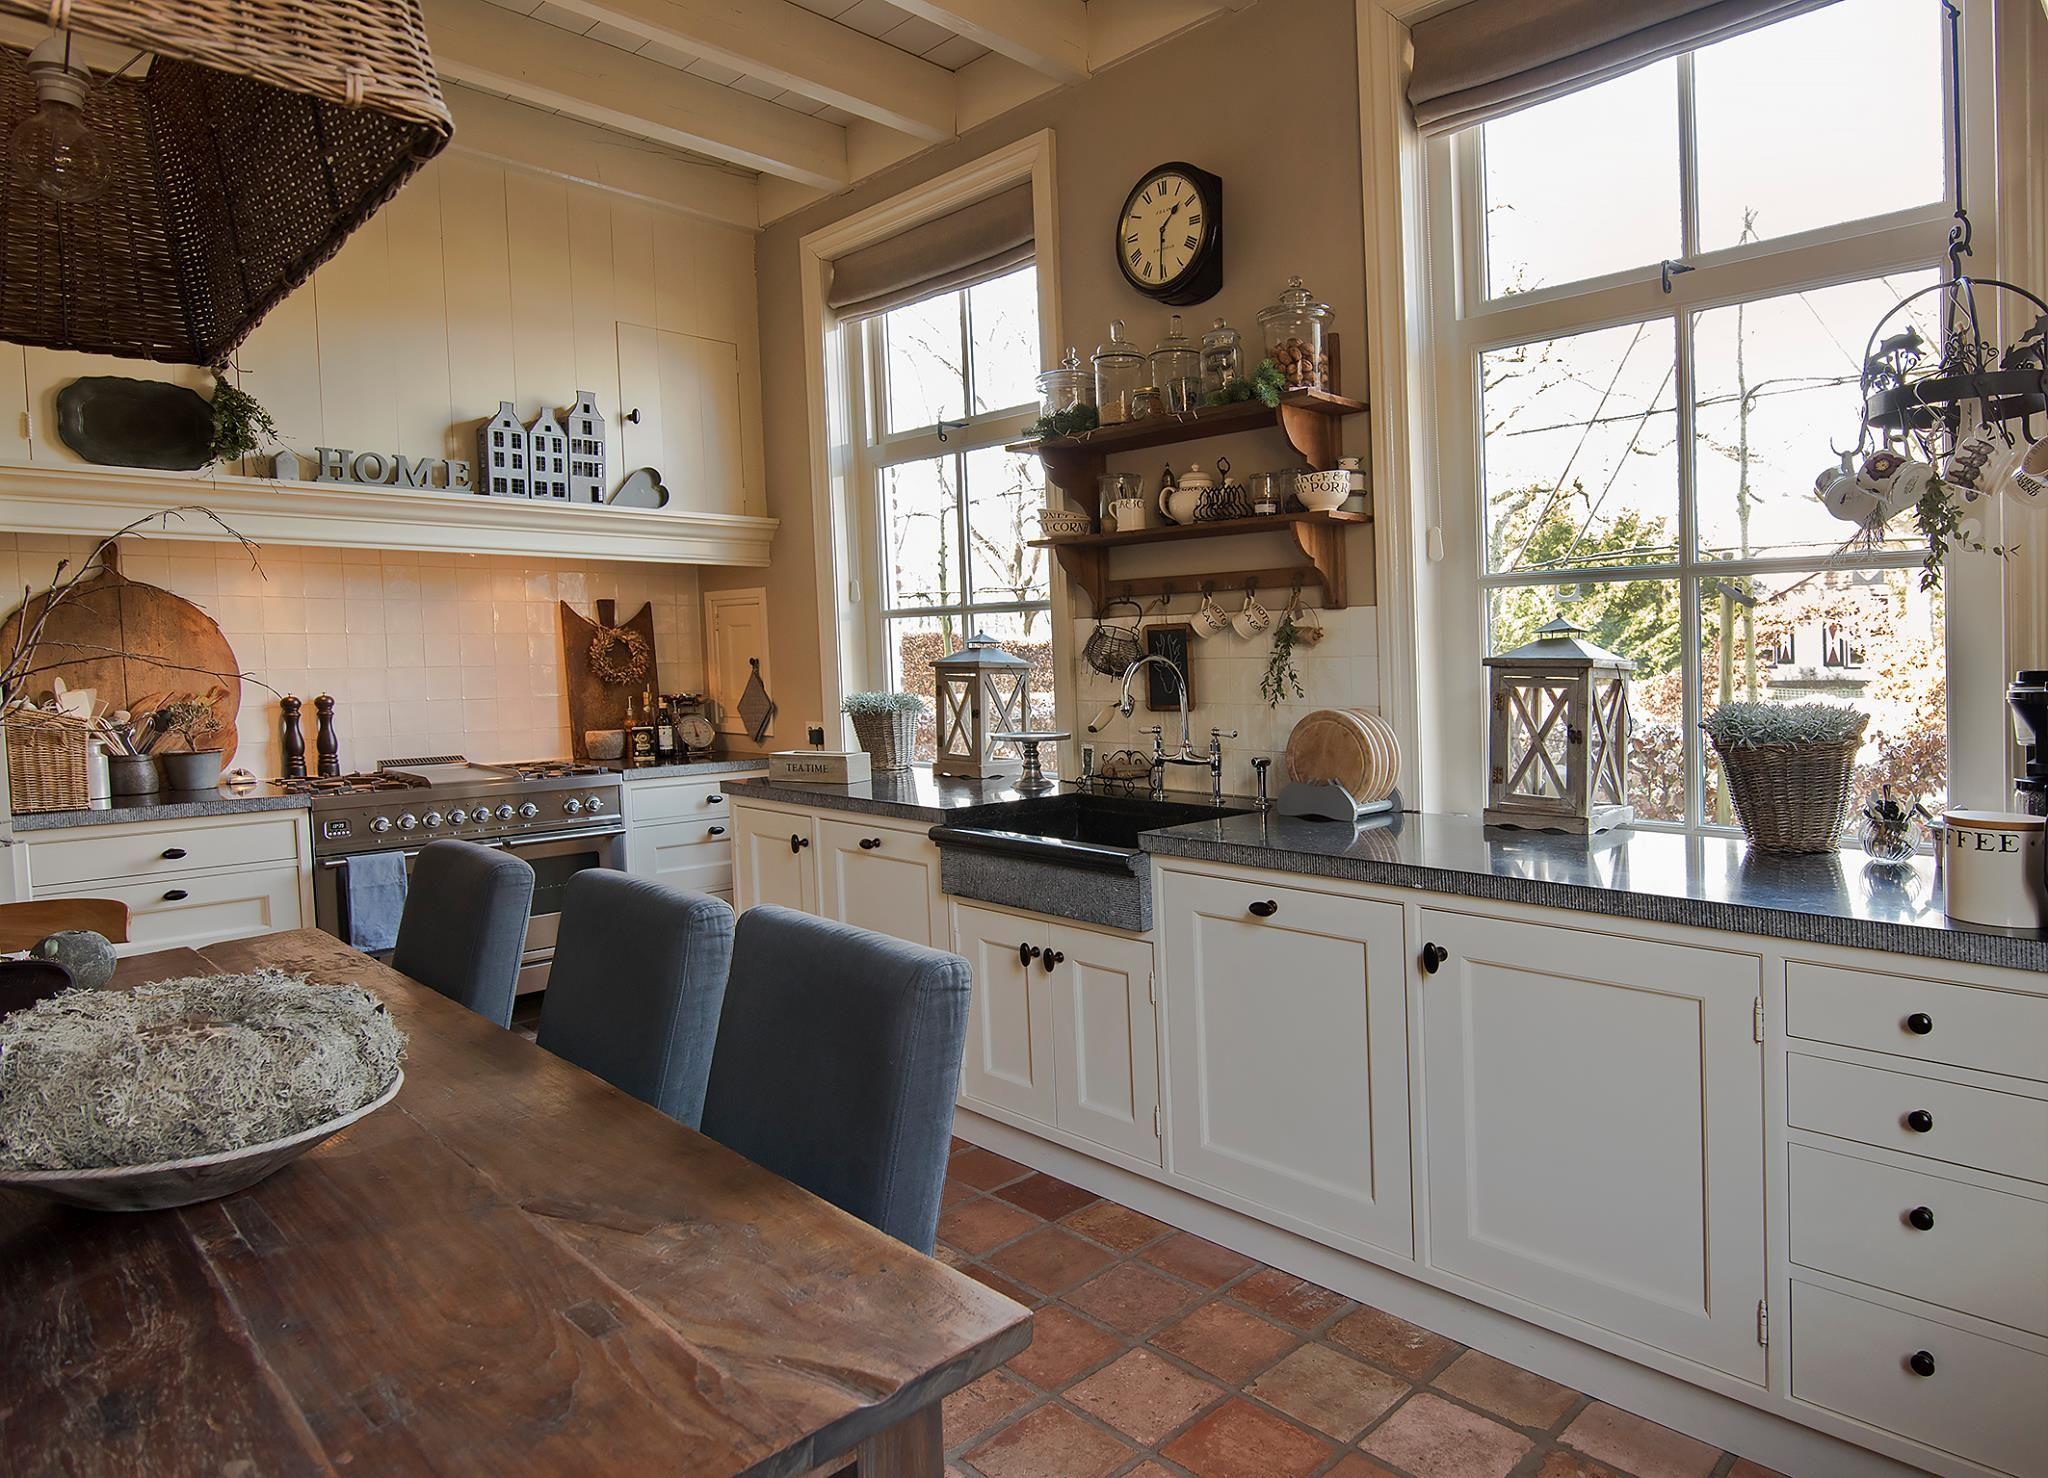 Keuken Interieur Scandinavisch : Mooie landelijke keuken met estrikken terra cotta tegels